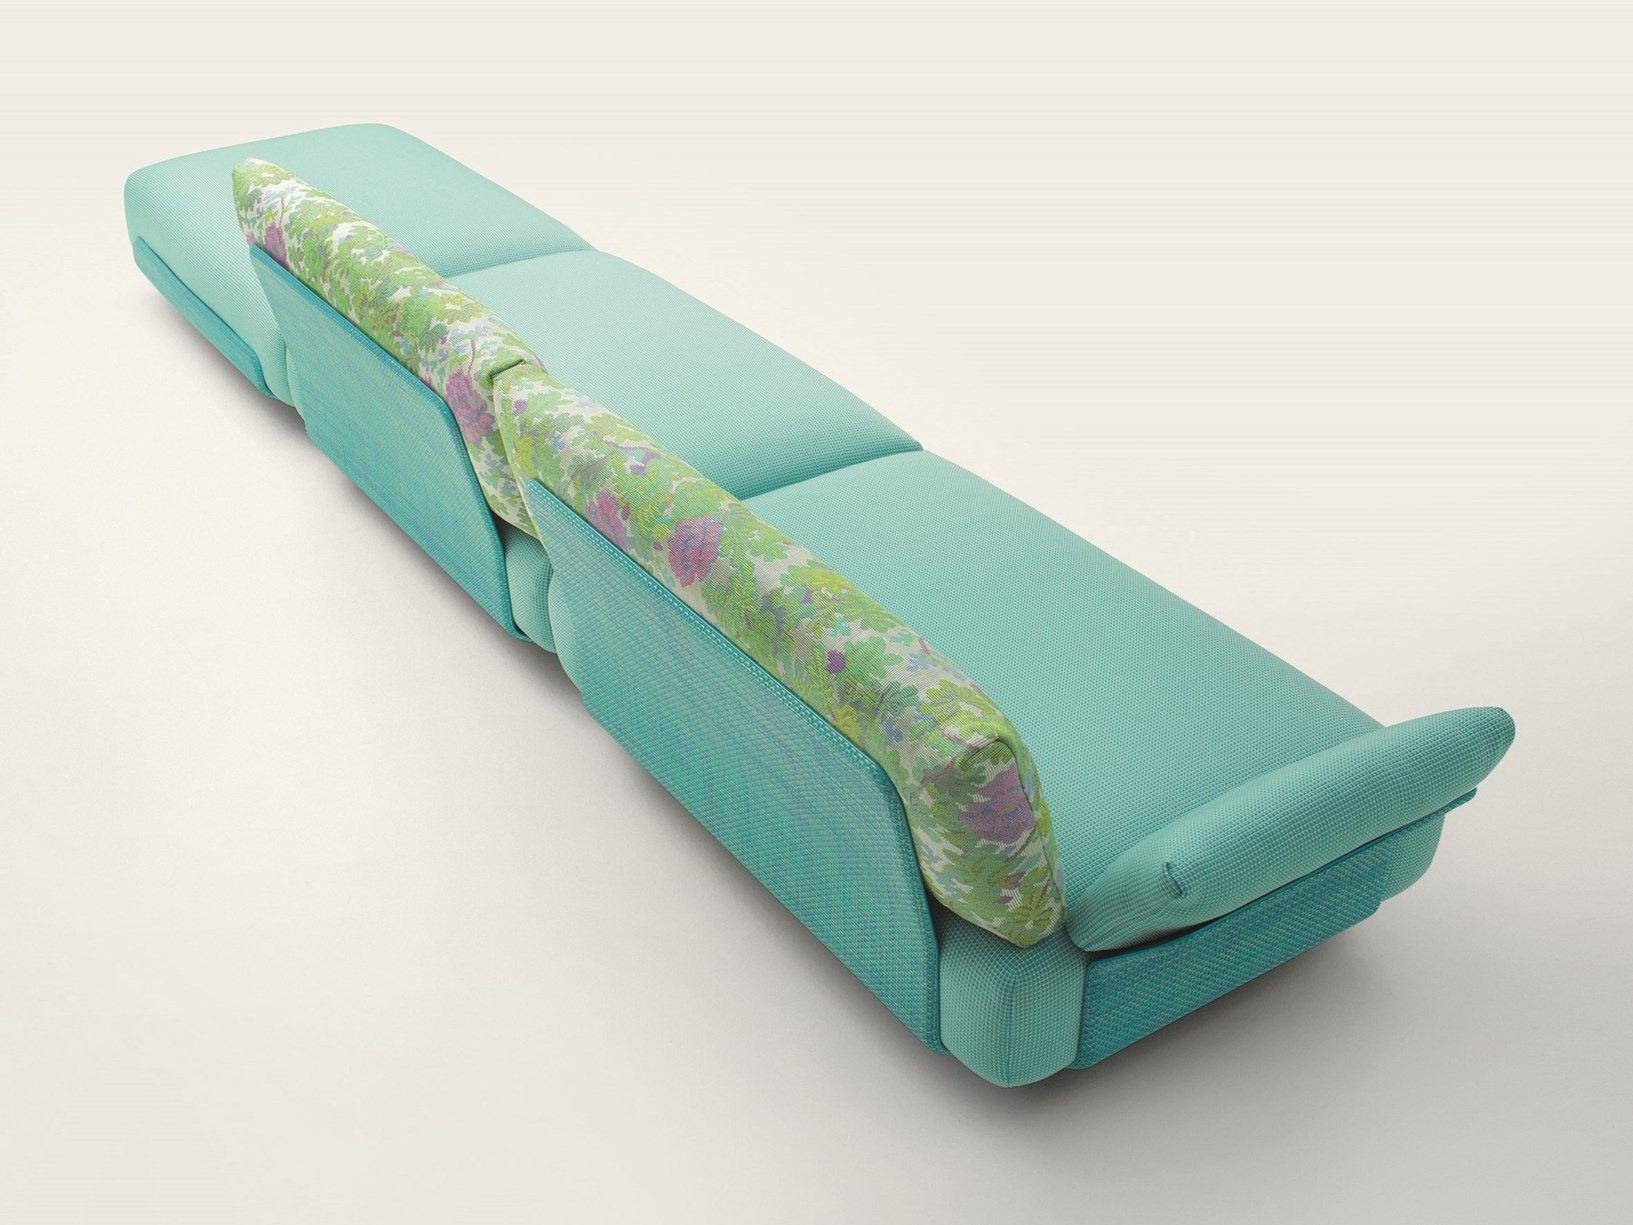 Pokemon snorlax bed gadget cuscini pouf e sedie